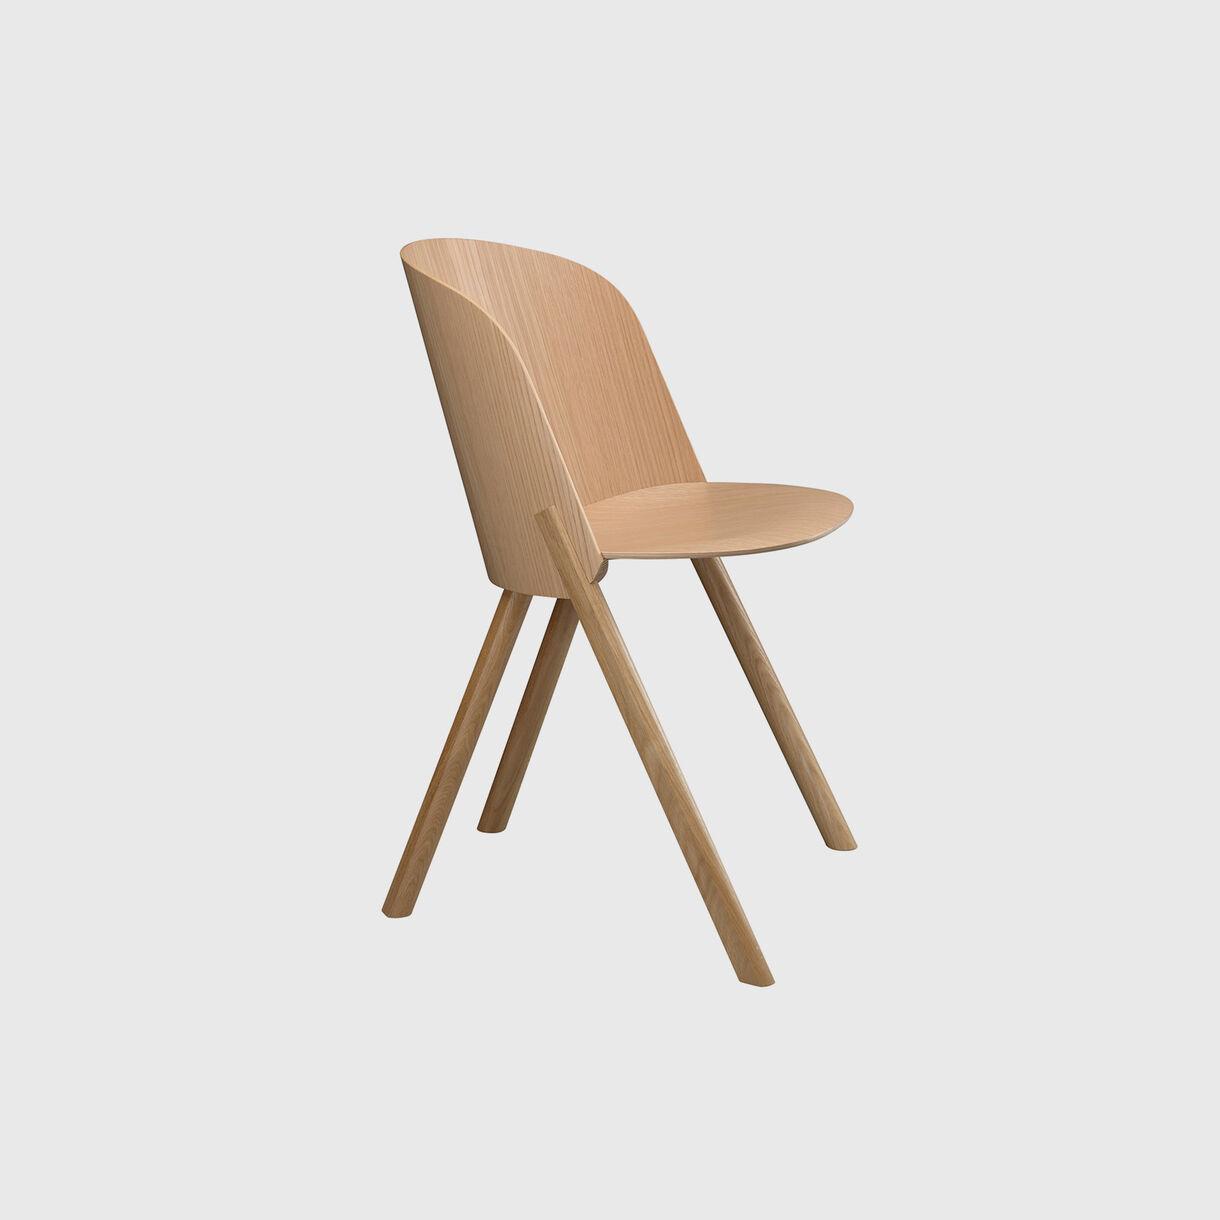 This Chair, Oak